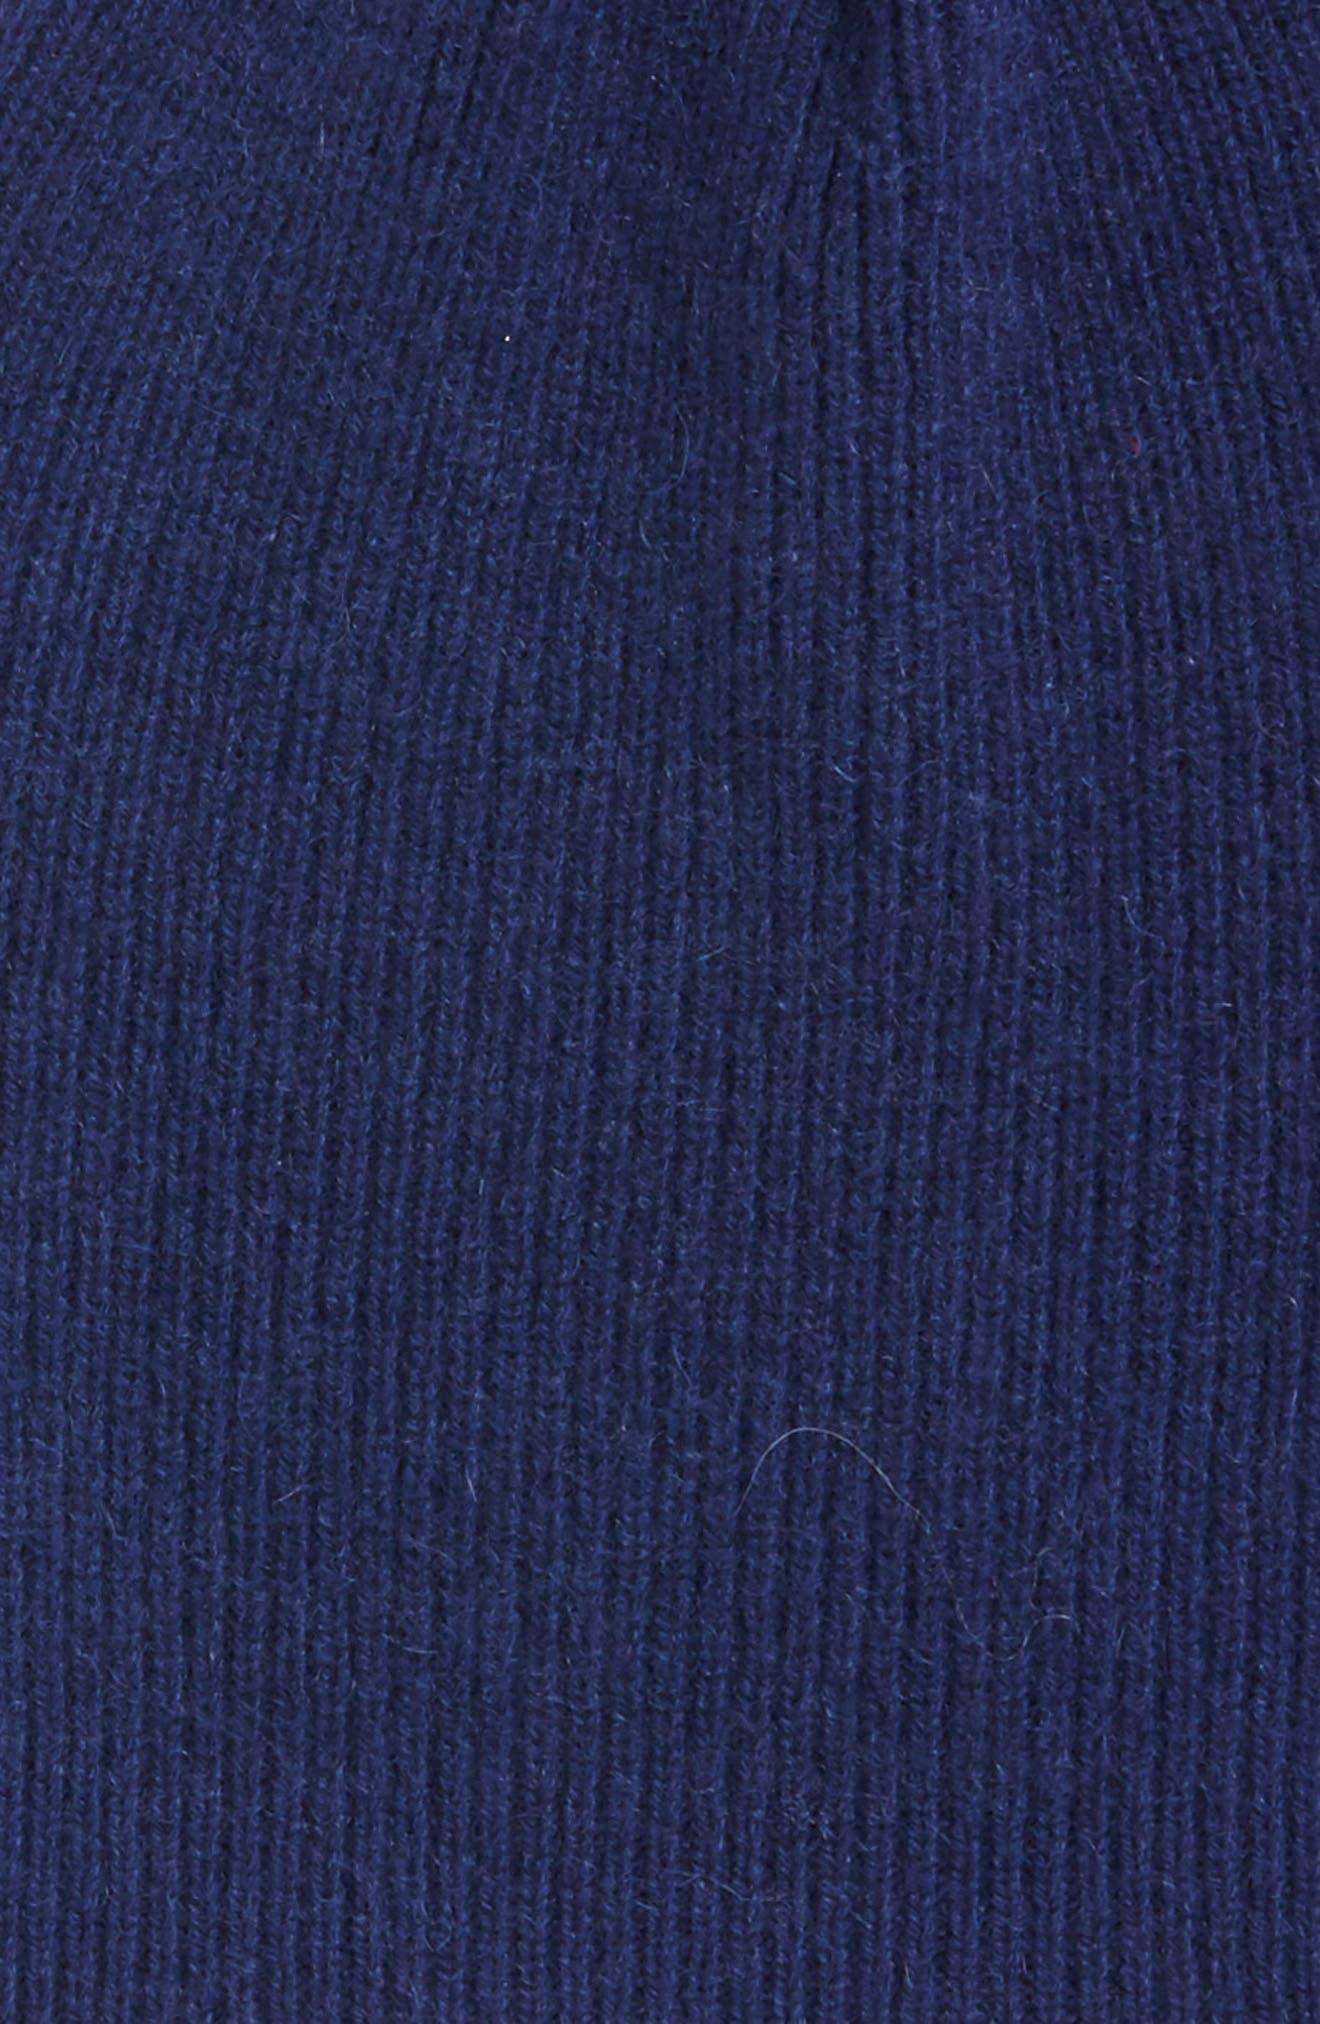 Alternate Image 2  - Halogen® Slouchy Cashmere Beanie